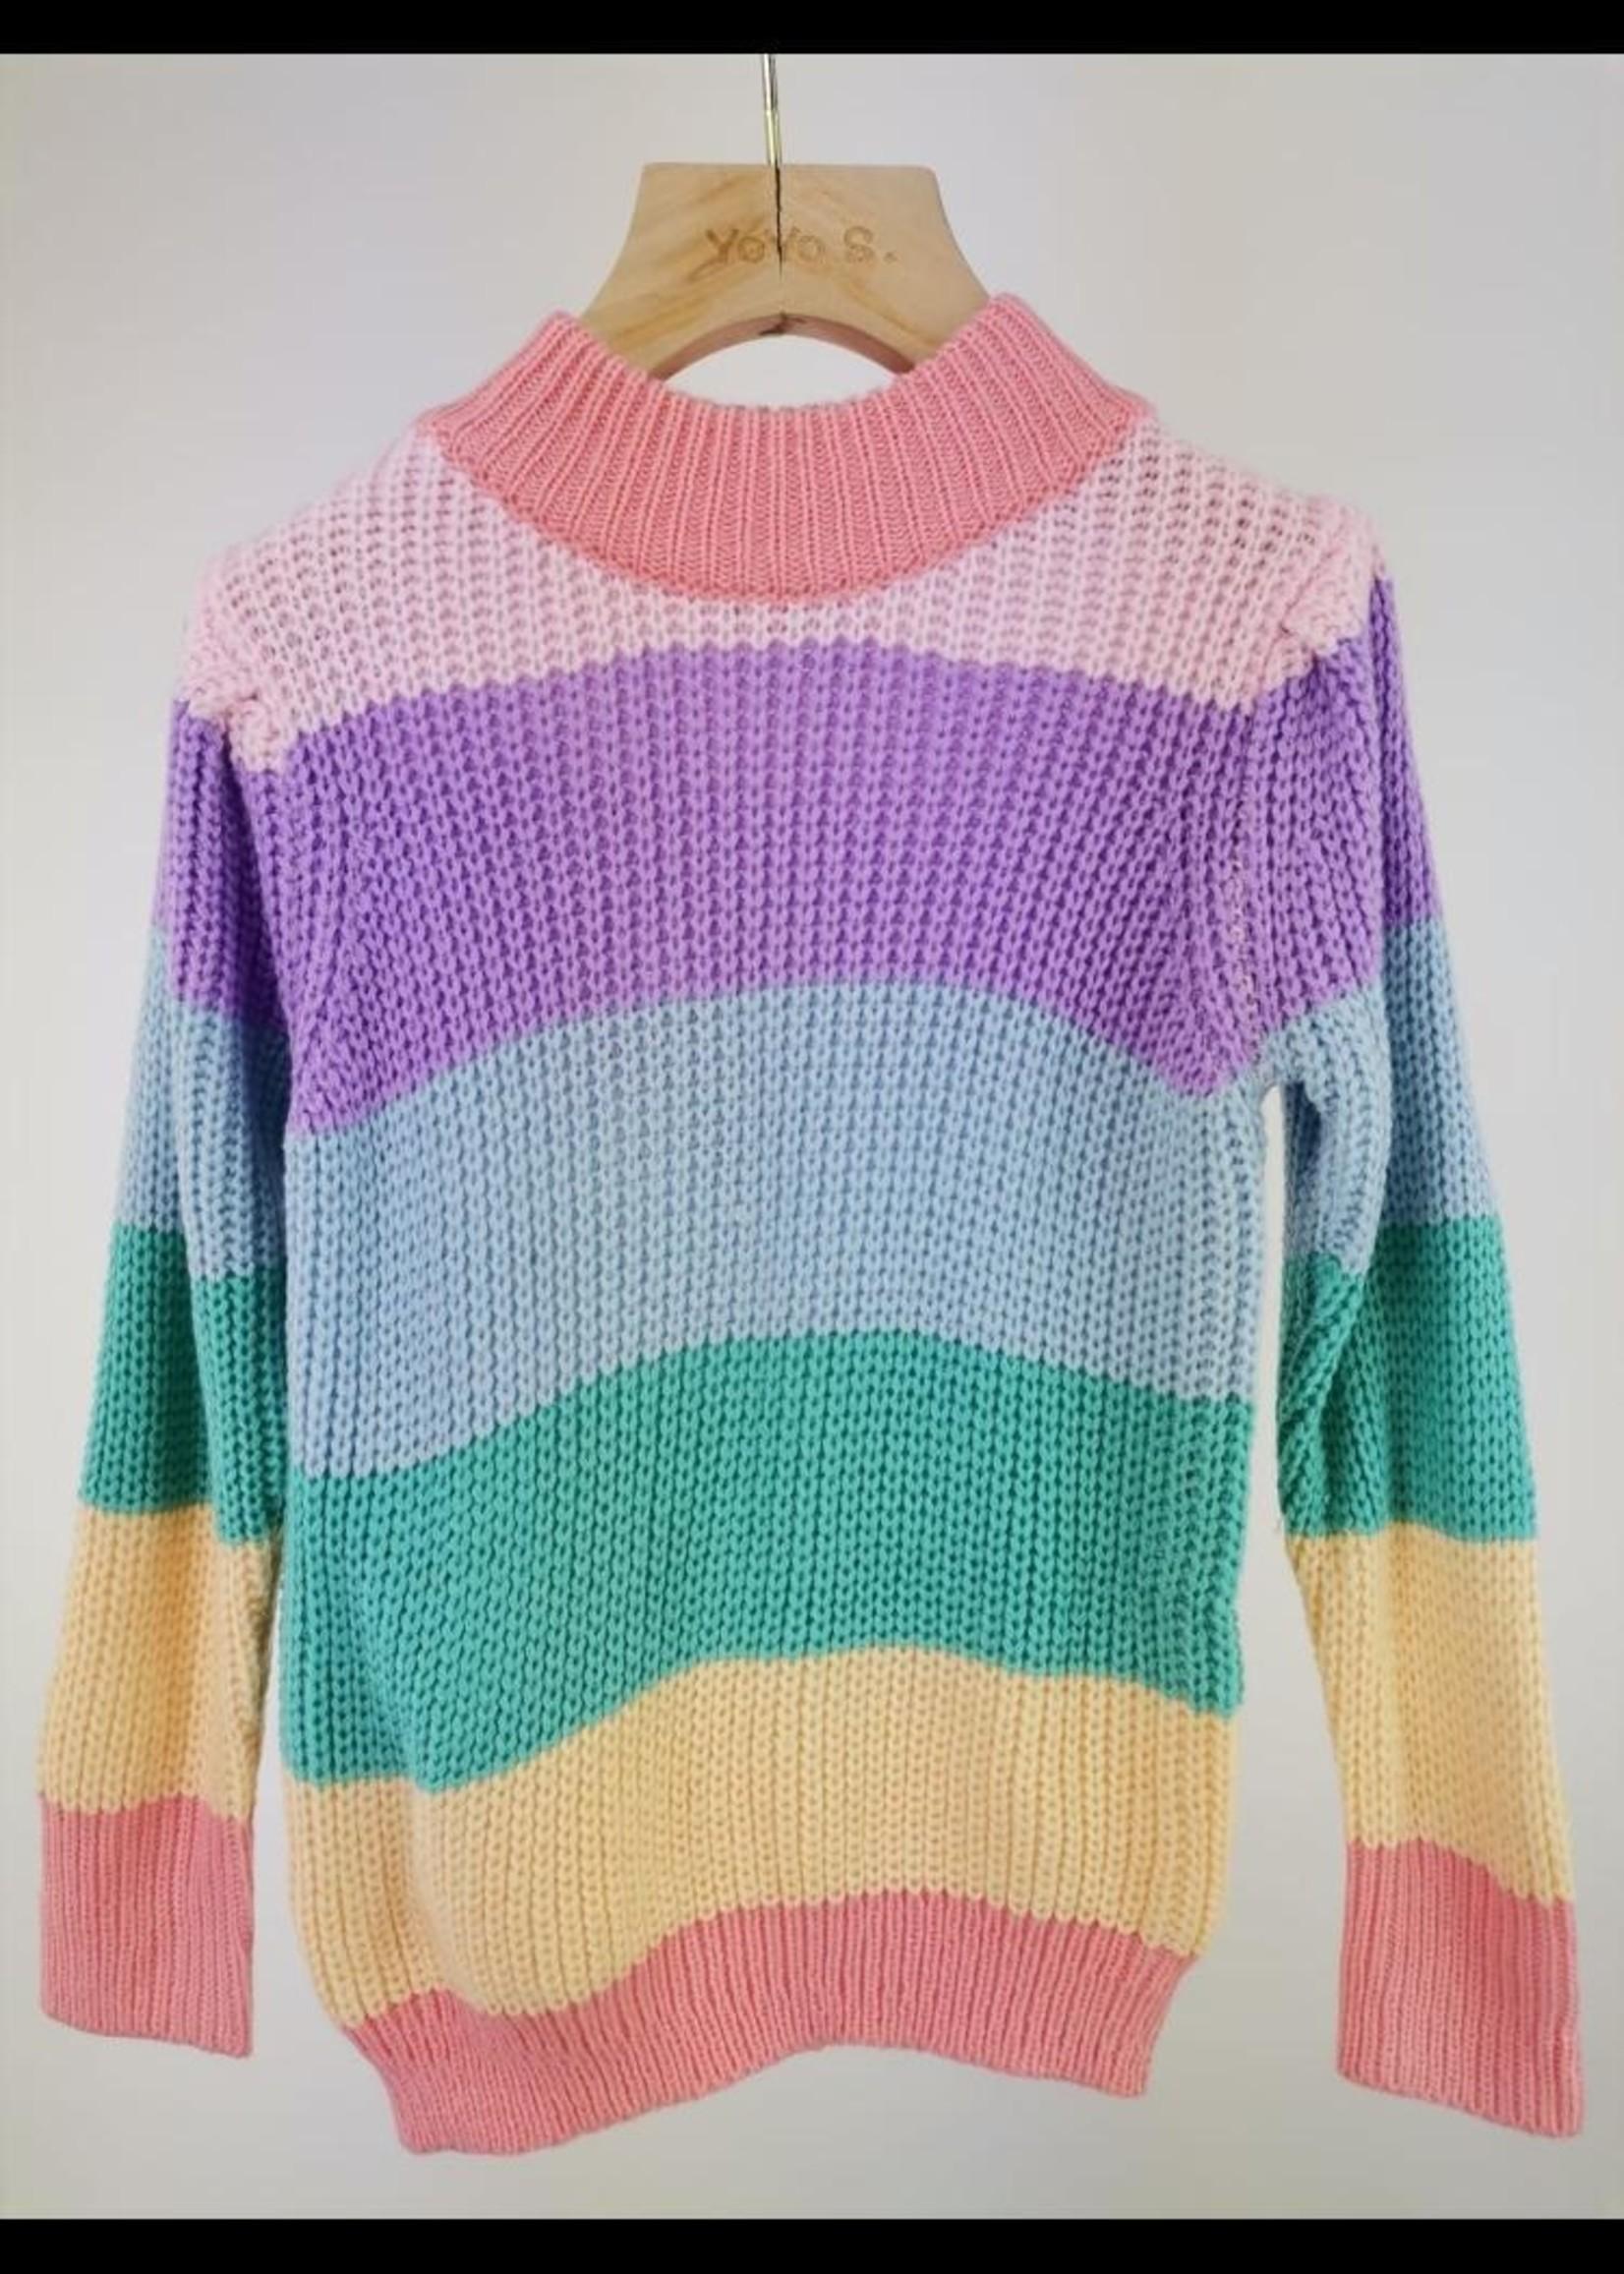 Divanis Divanis Rainbow sweater